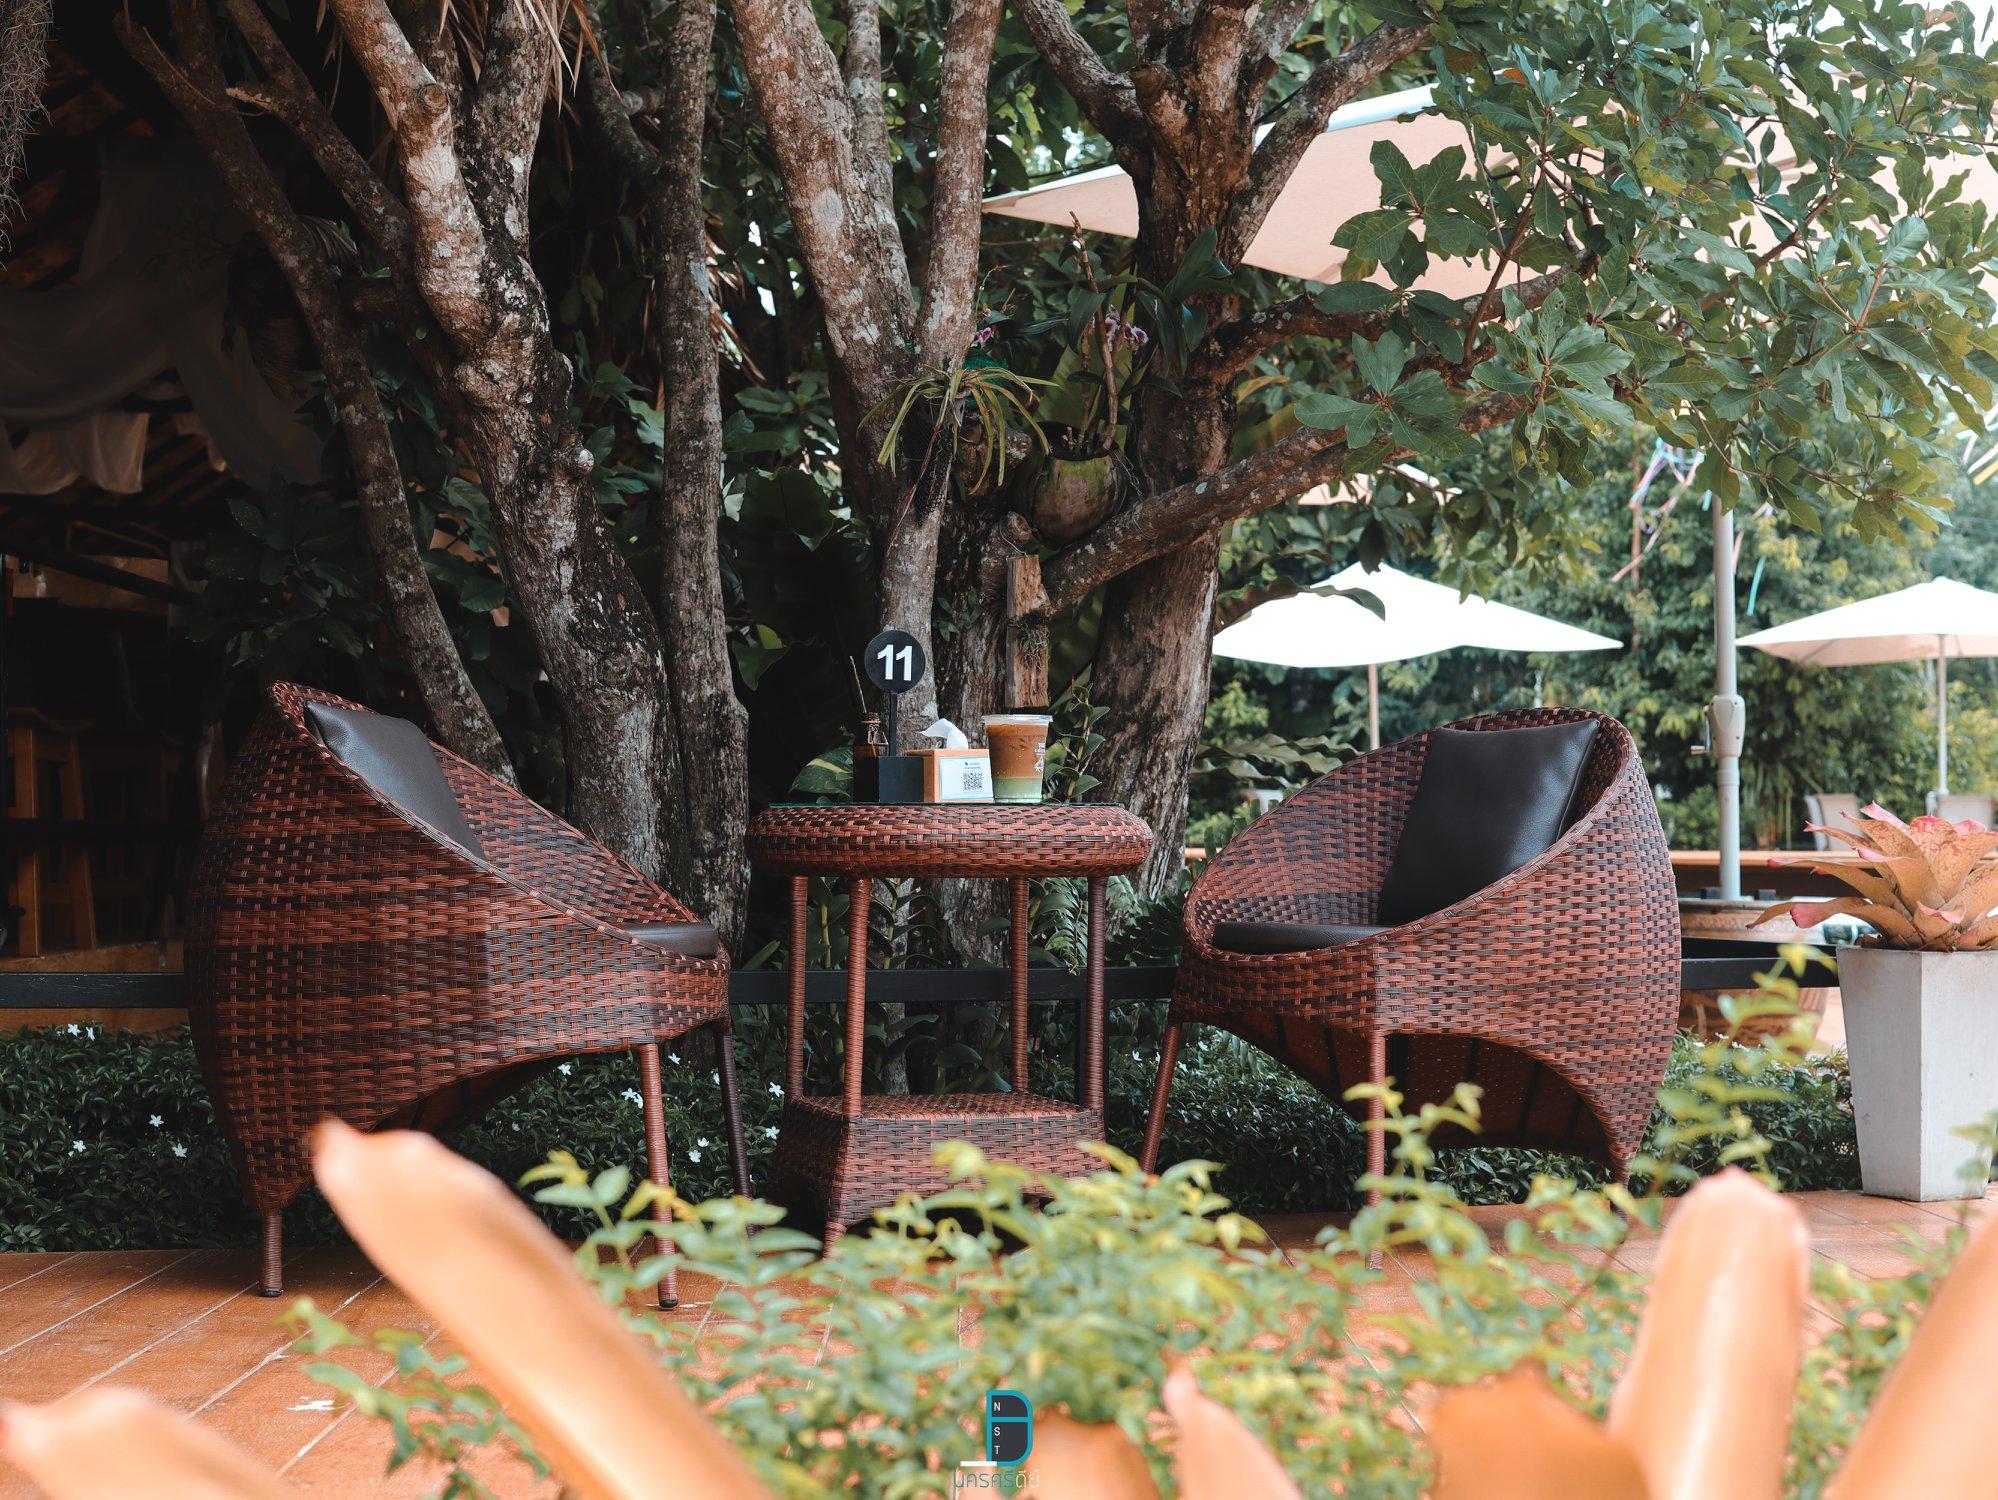 โต๊ะนั่งชิว-ท่ามกลางธรรมชาติใต้ต้นไม้ใหญ่ ร้านอาหาร,ลานสกา,ขุนเล,คอฟฟี่,ร้านกาแฟ,คาเฟ่,นครศรีธรรมราช